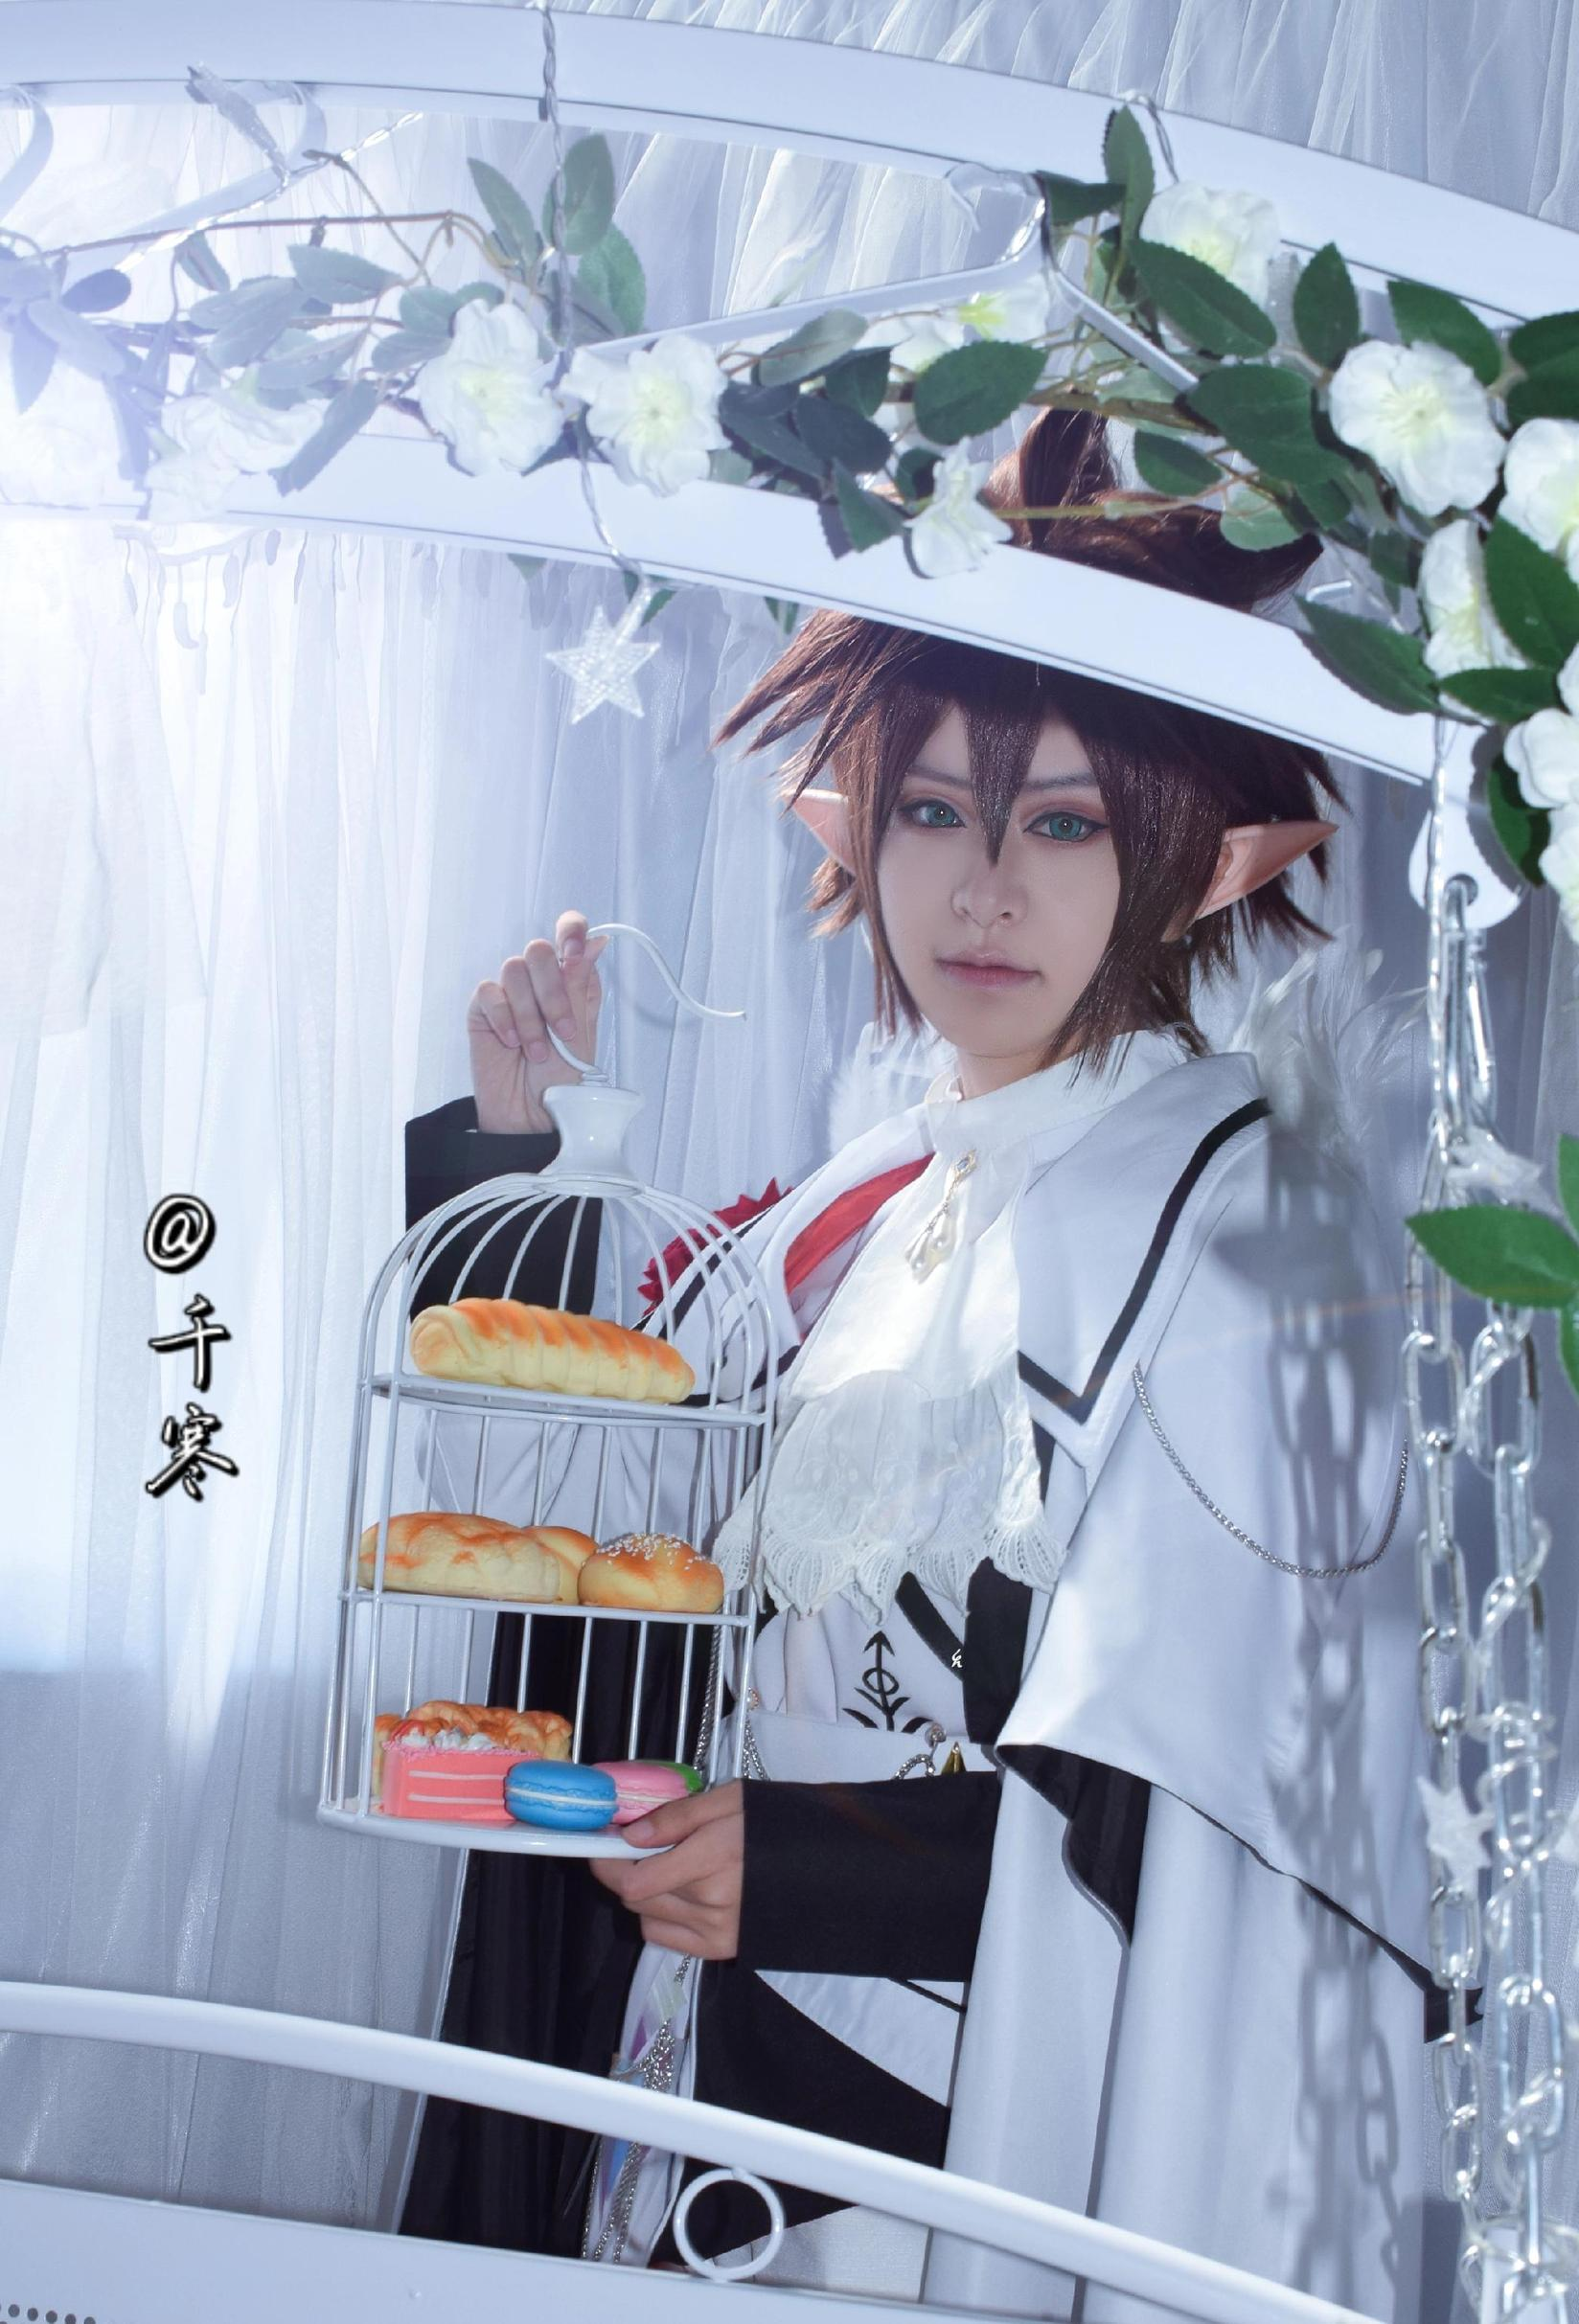 《凹凸世界》漫展cosplay【CN:千寒子】 -cosplay详情页gif图片插图